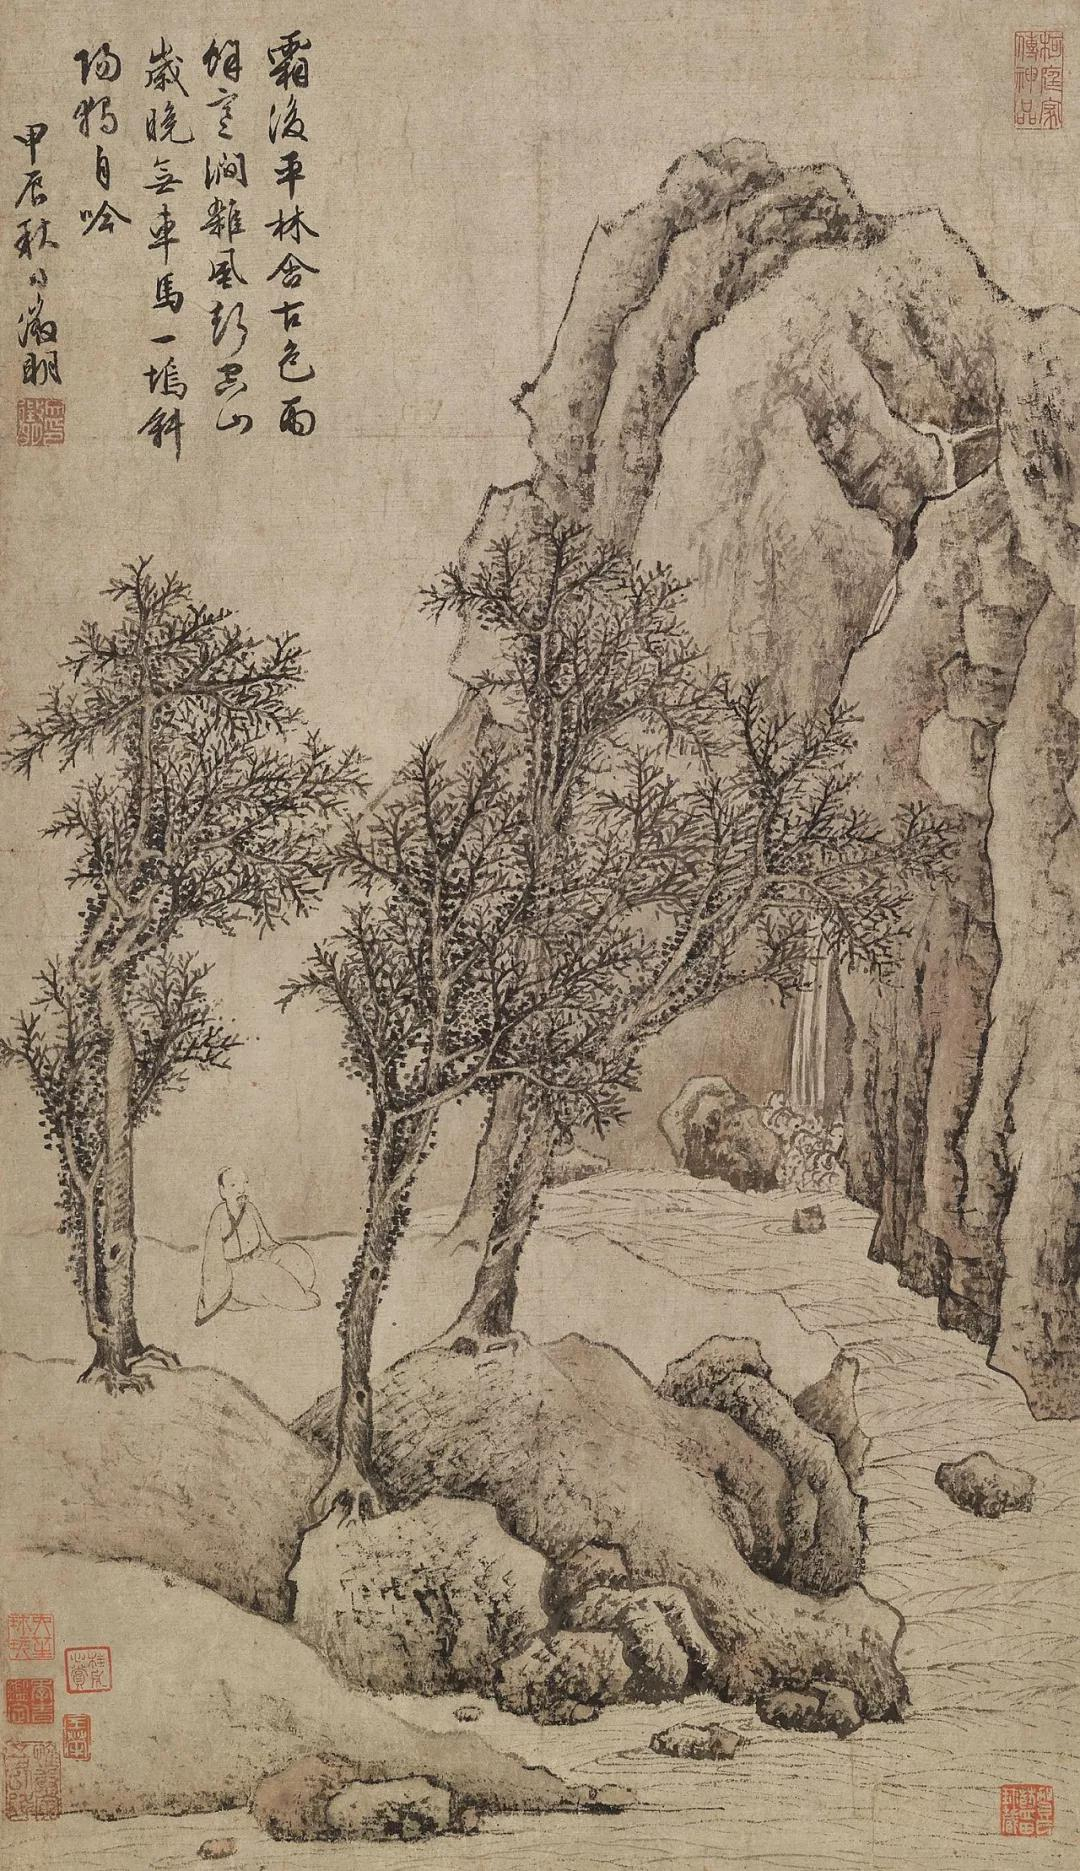 Lot957 明 沈周 柳湖图